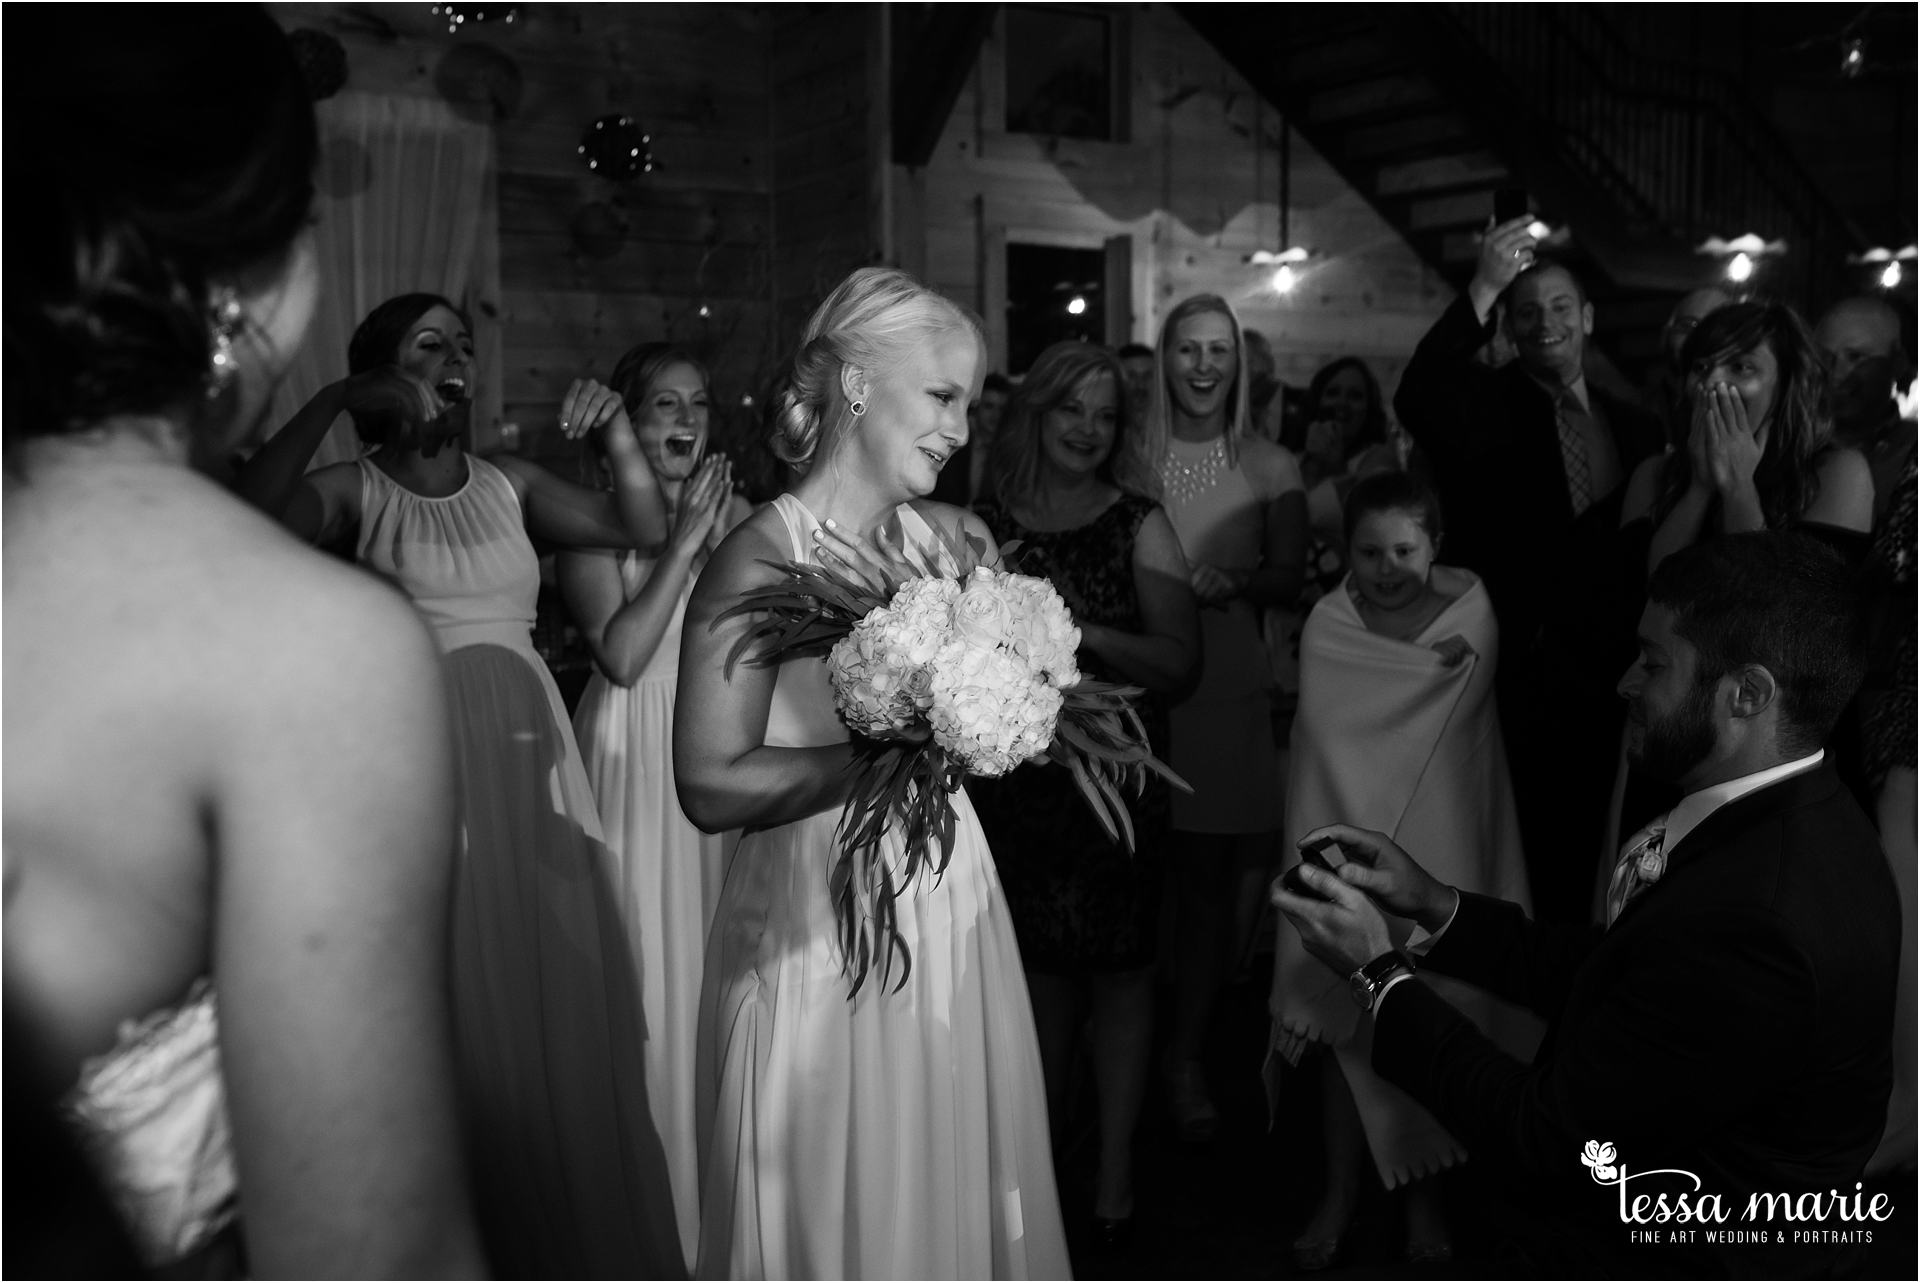 032216_brittany_kevin_wedding-175